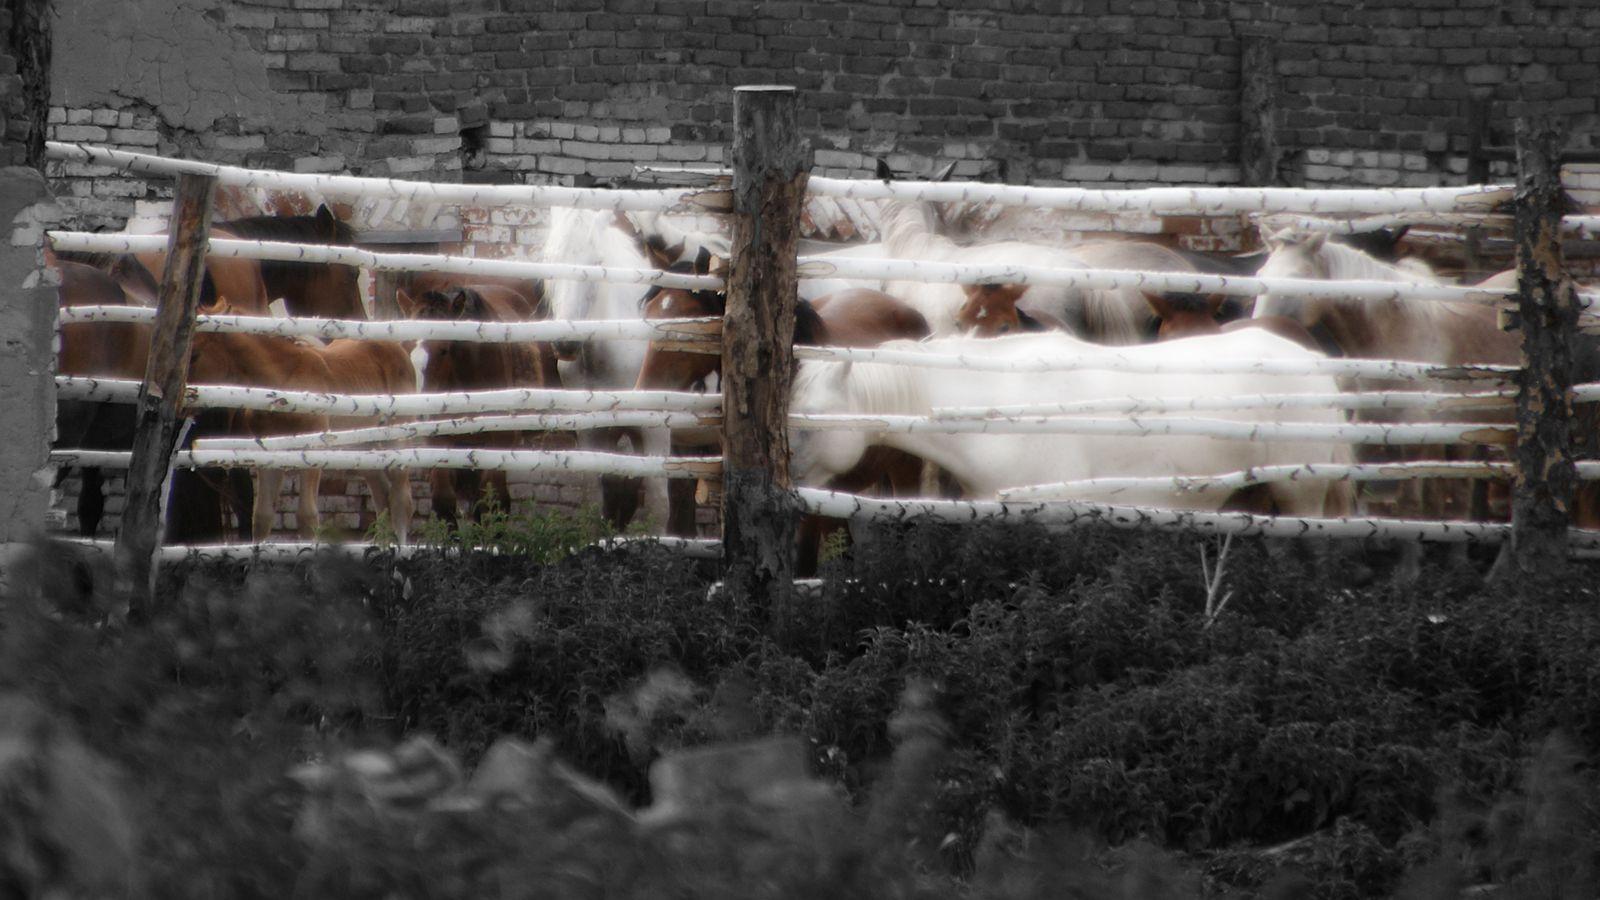 цензура Лобаново Катайский район Курганская область цензура черный прямоугольник белый забор